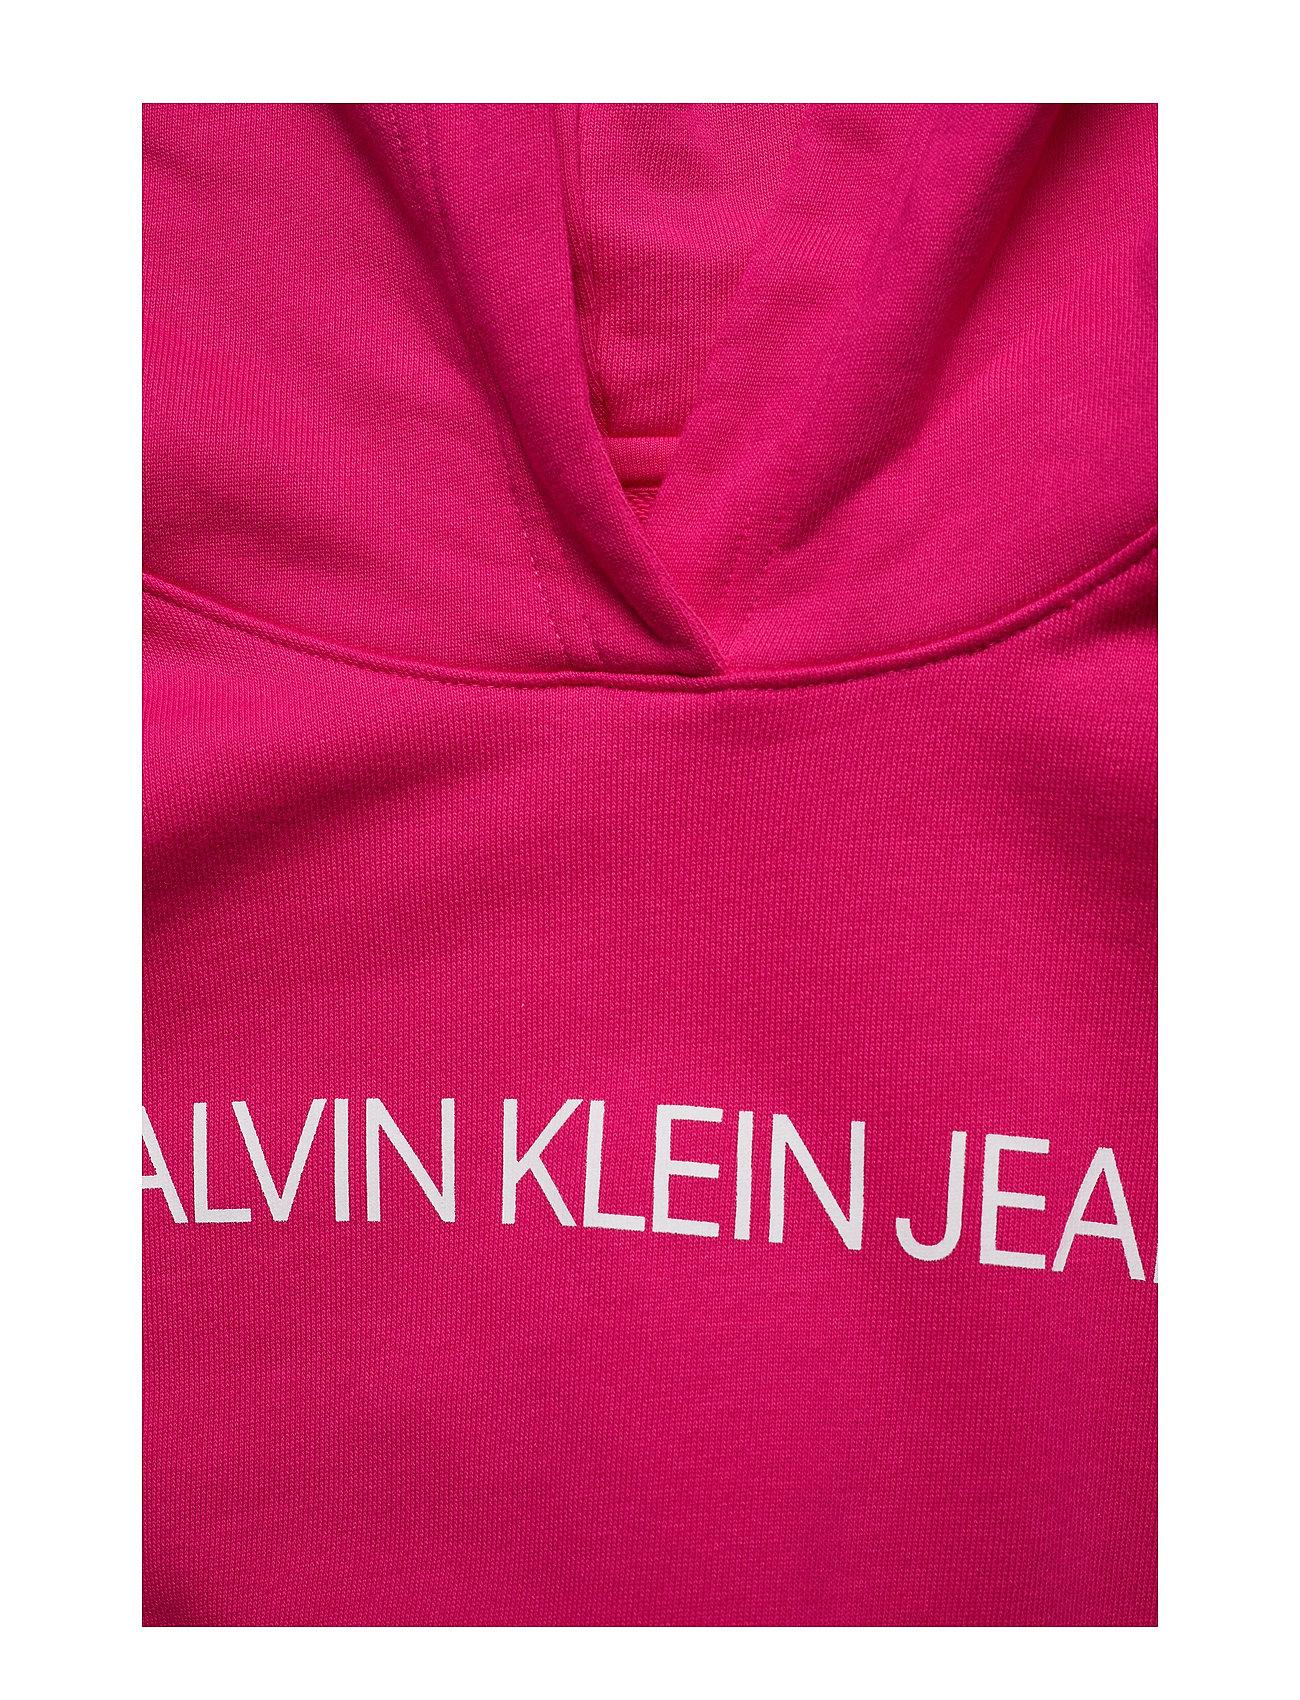 HoodiecabaretCalvin Klein Klein Institutional HoodiecabaretCalvin Jeans Jeans Institutional Klein Institutional Jeans HoodiecabaretCalvin Institutional HoodiecabaretCalvin PXZuiOTk